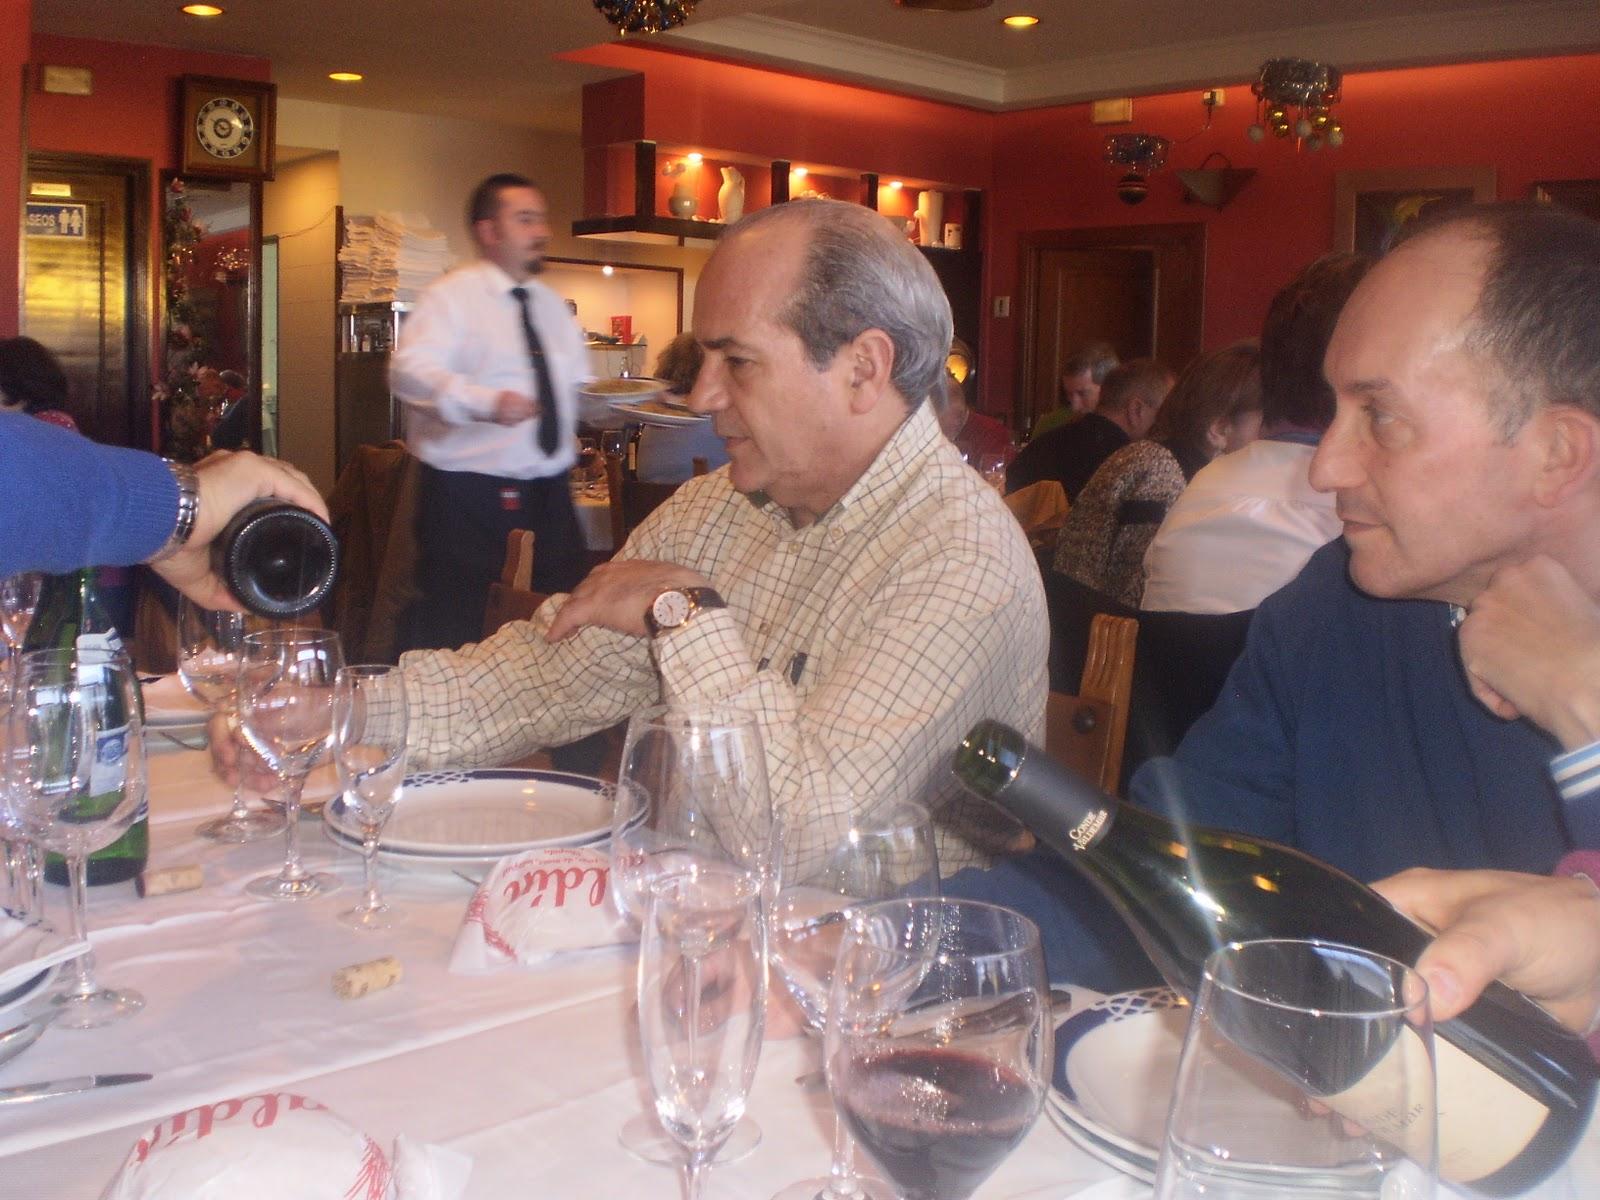 Pe a gastron mica blanco restaurante casa consuelo 18 12 2010 - Casa consuelo otur ...